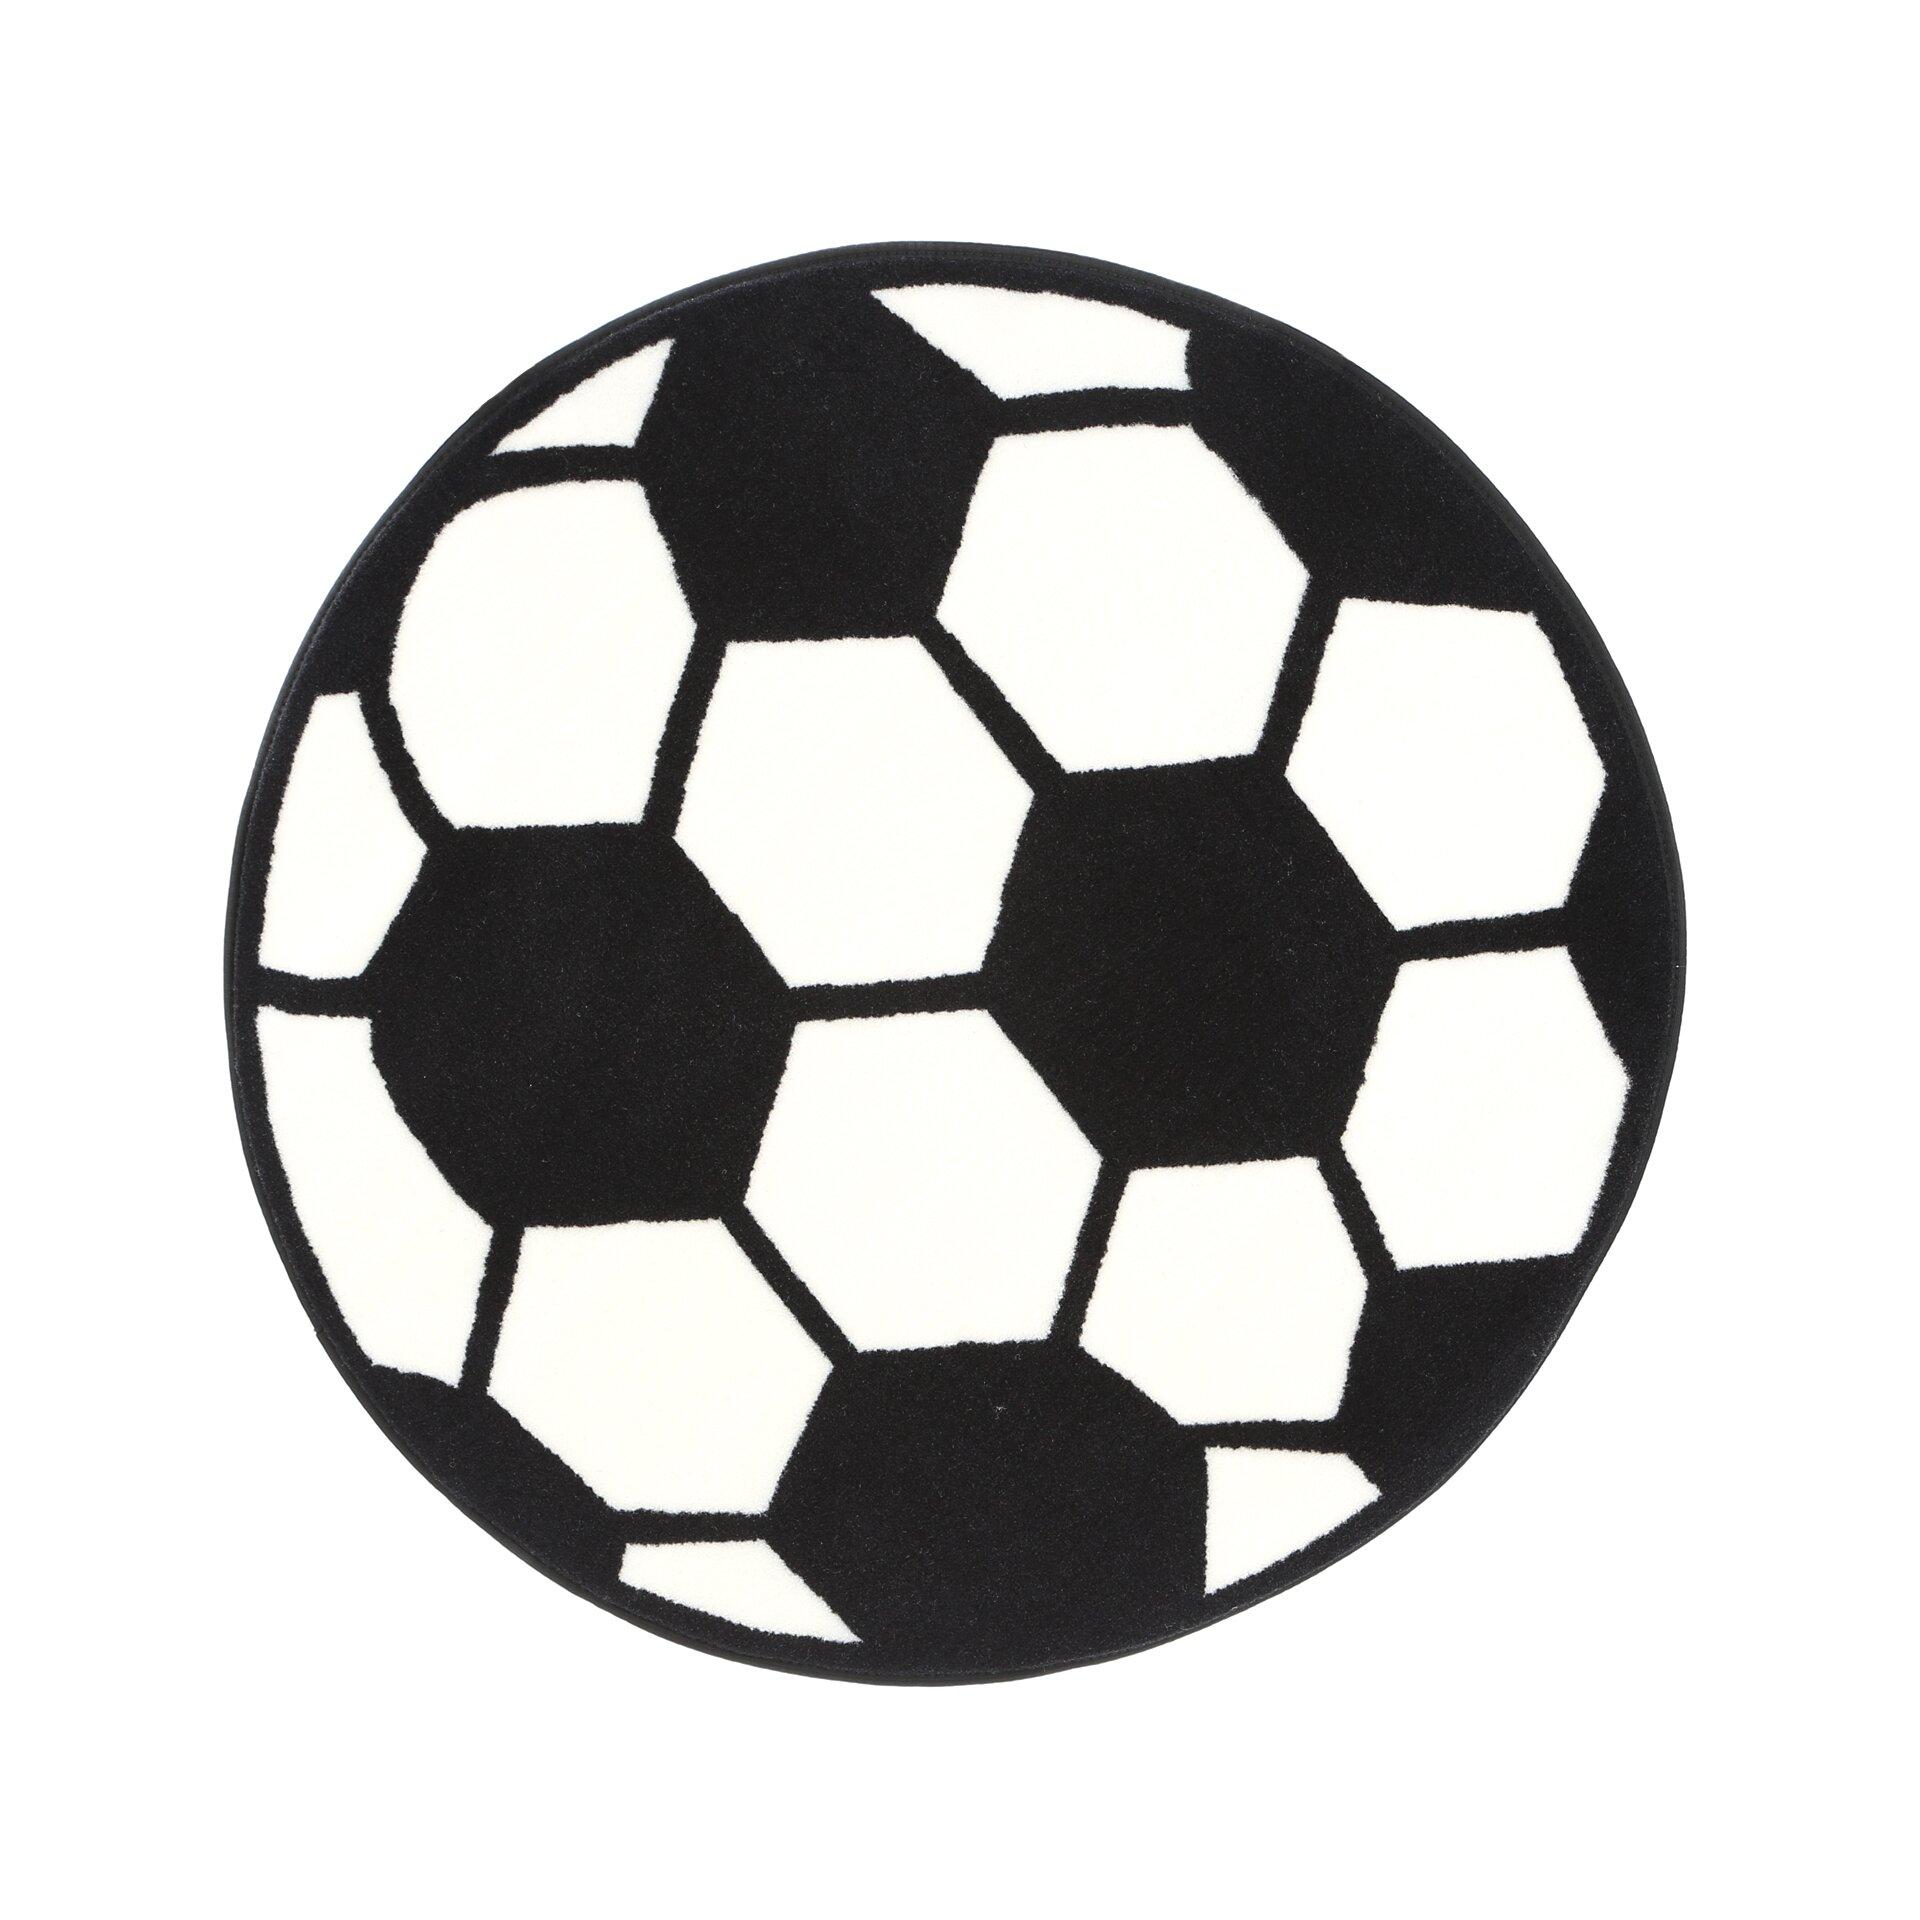 Fun Rugs Fun Shape High Pile Soccerball Sports Area Rug